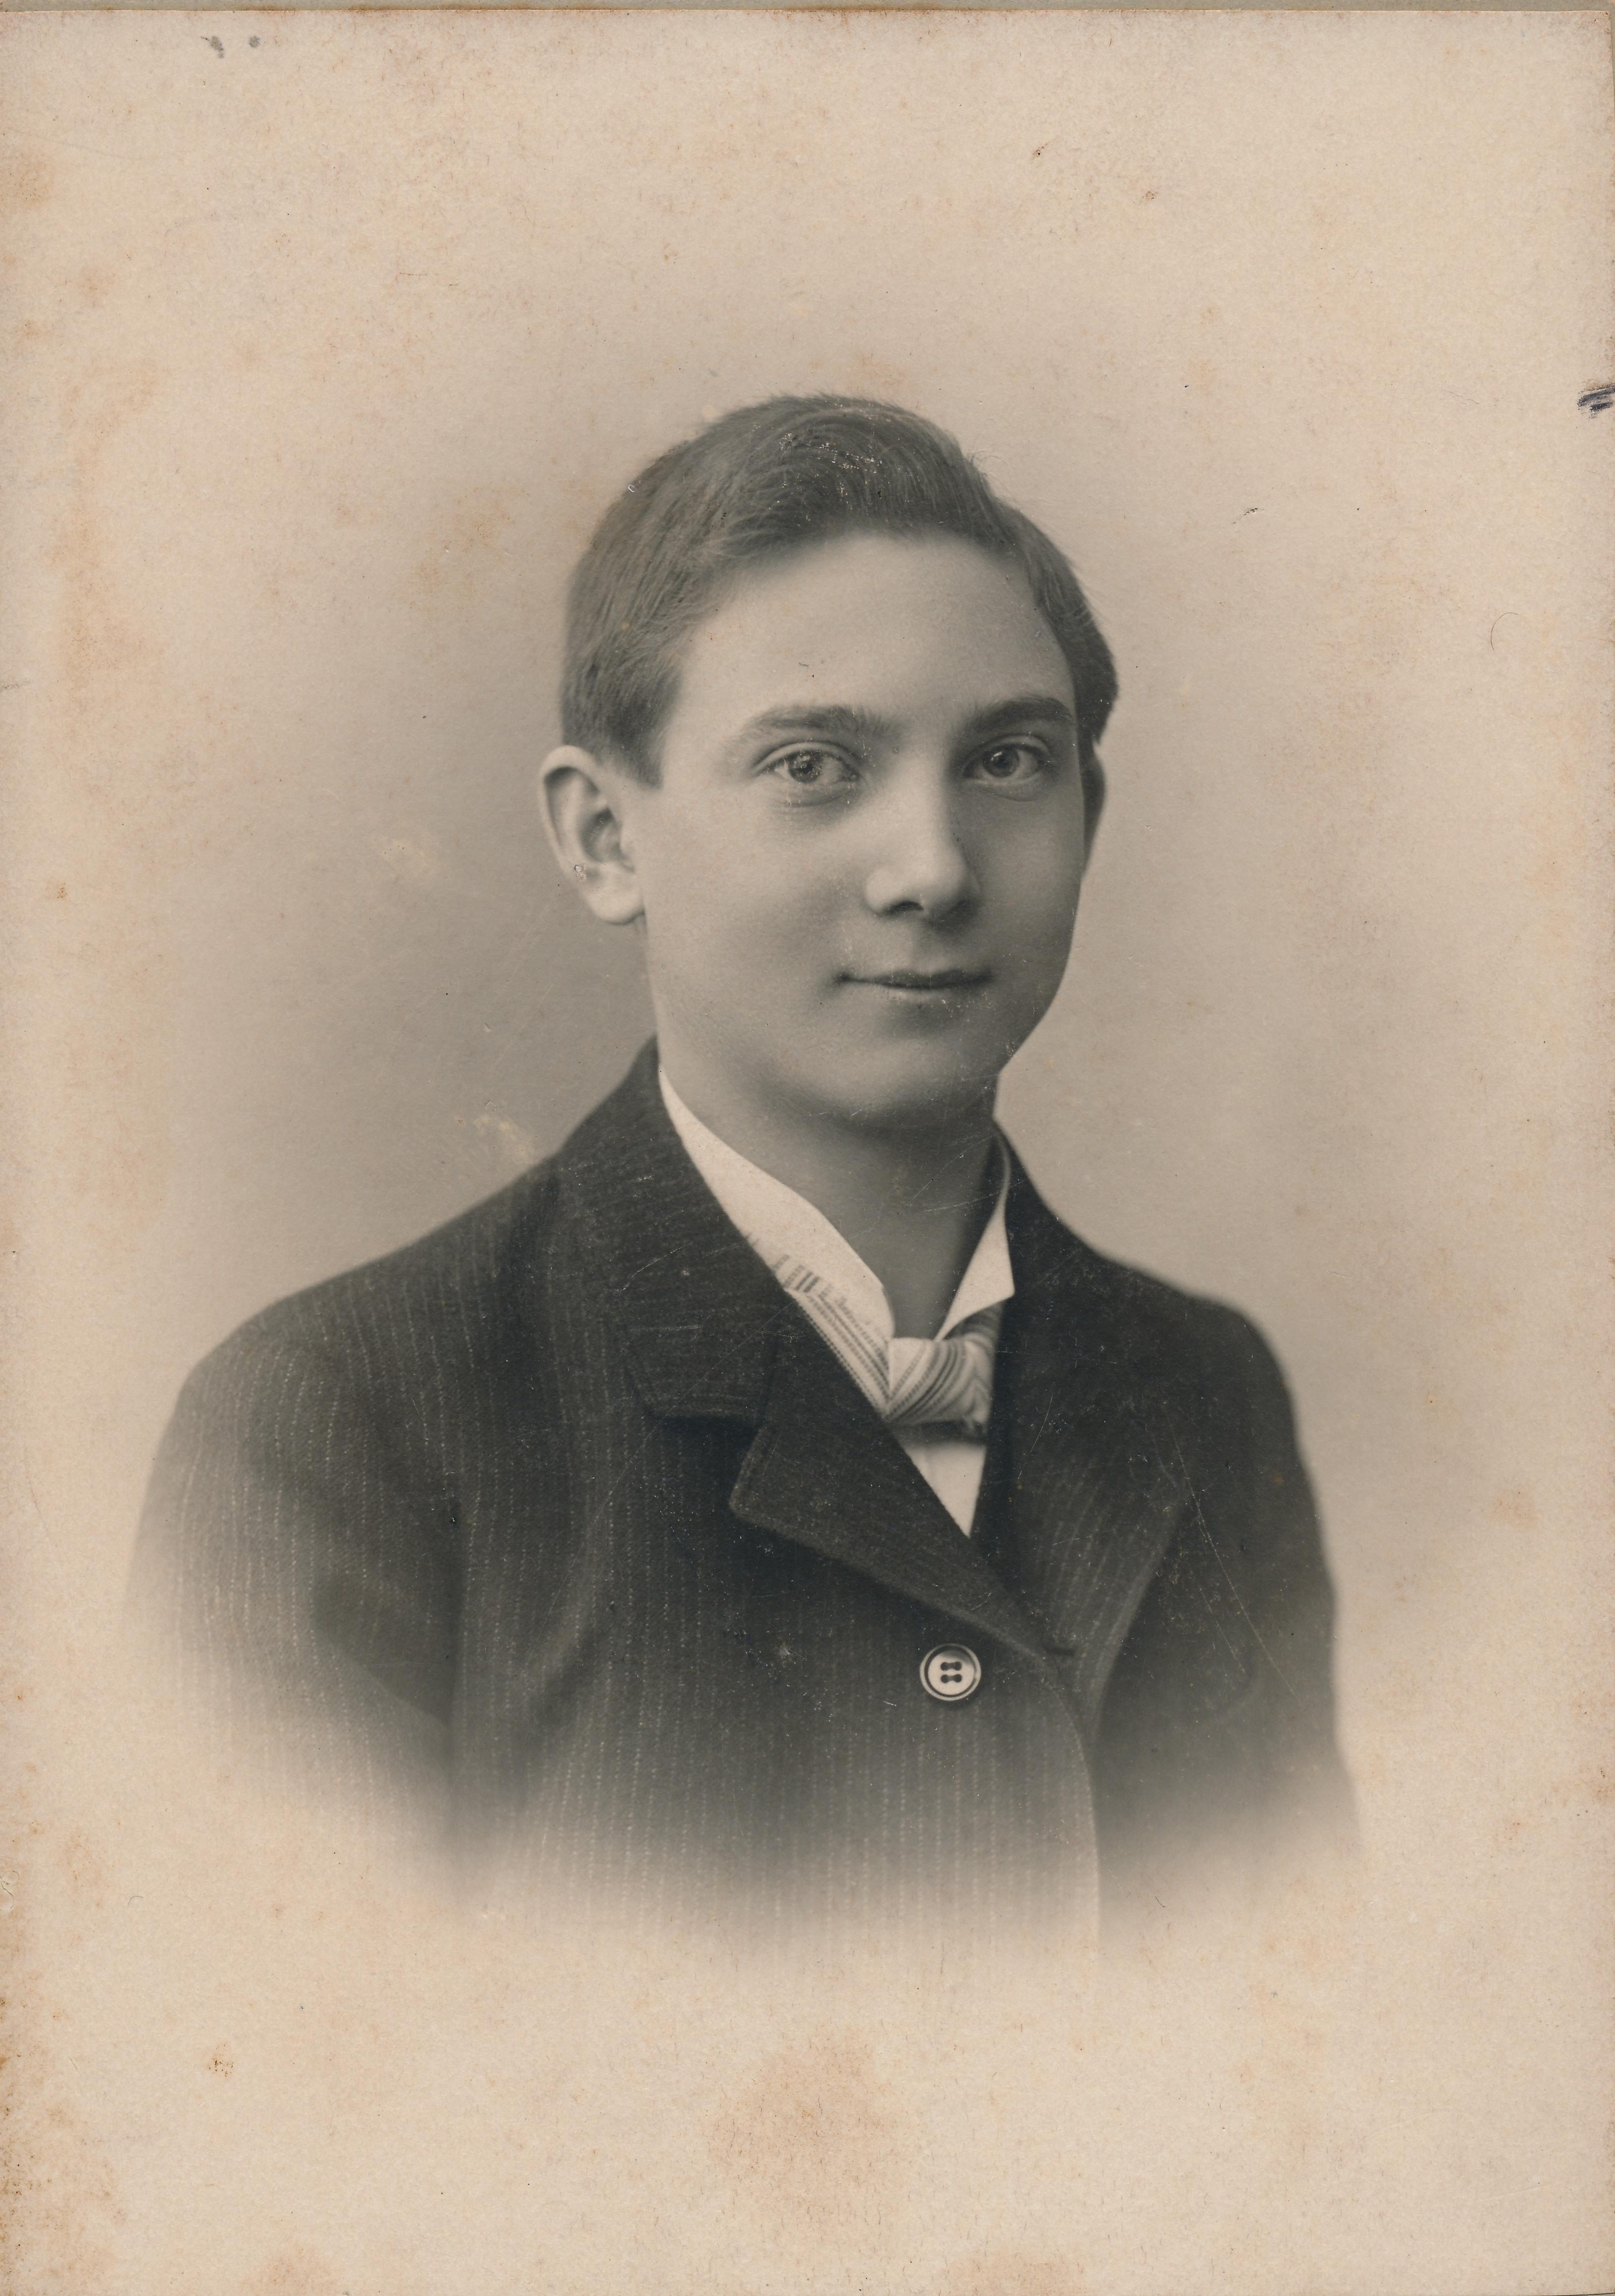 GiovanniGiulio Erba